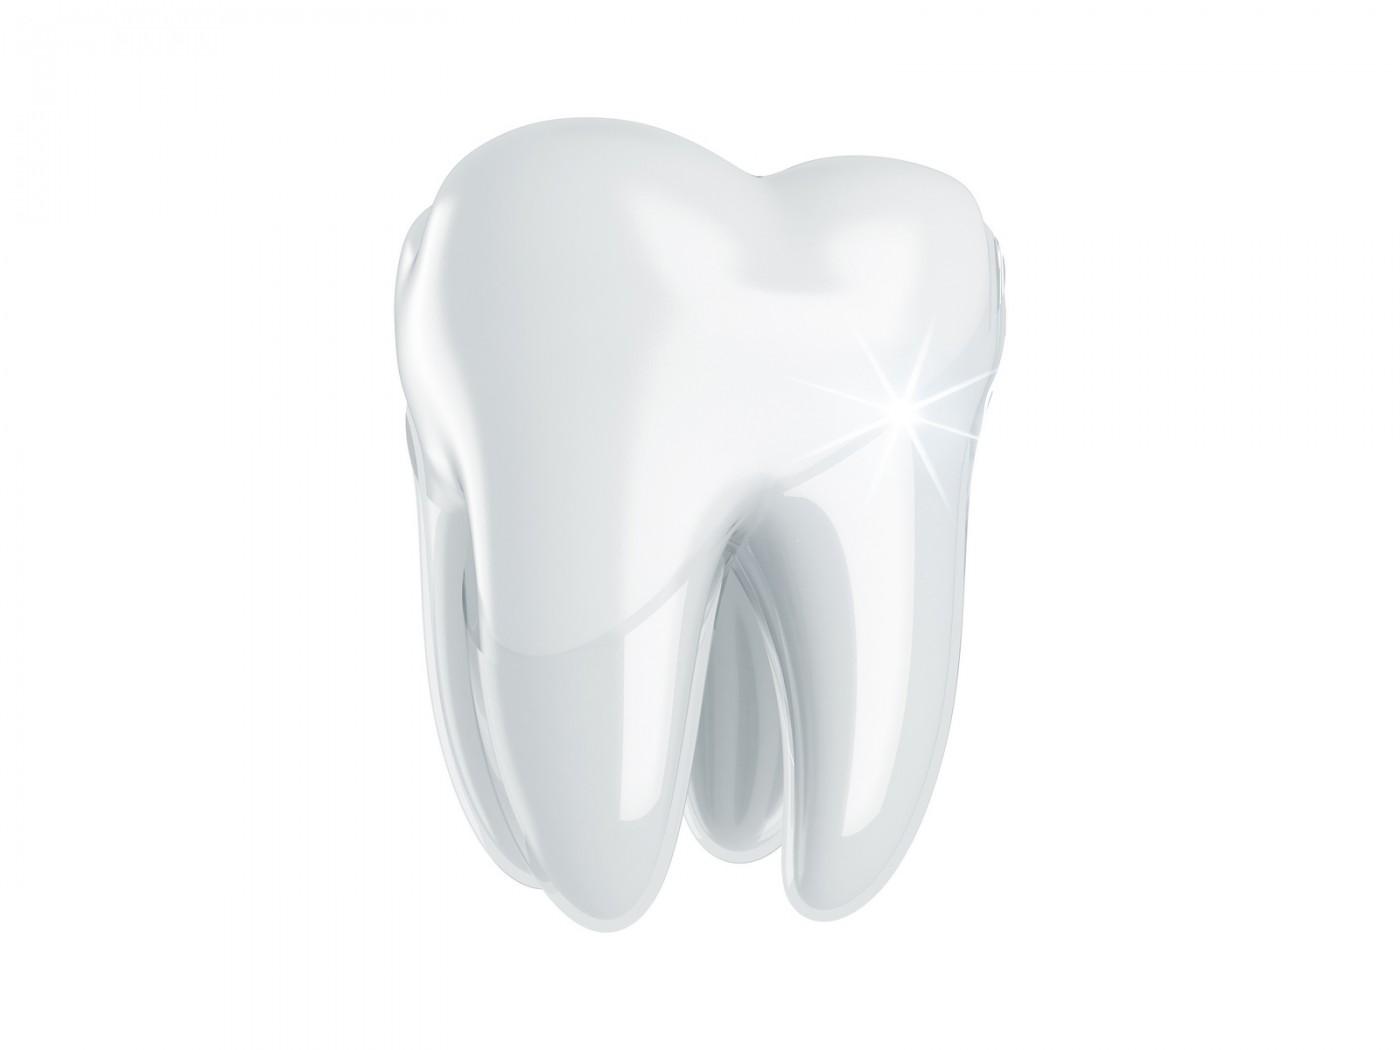 De ce este important smalțul dinților?